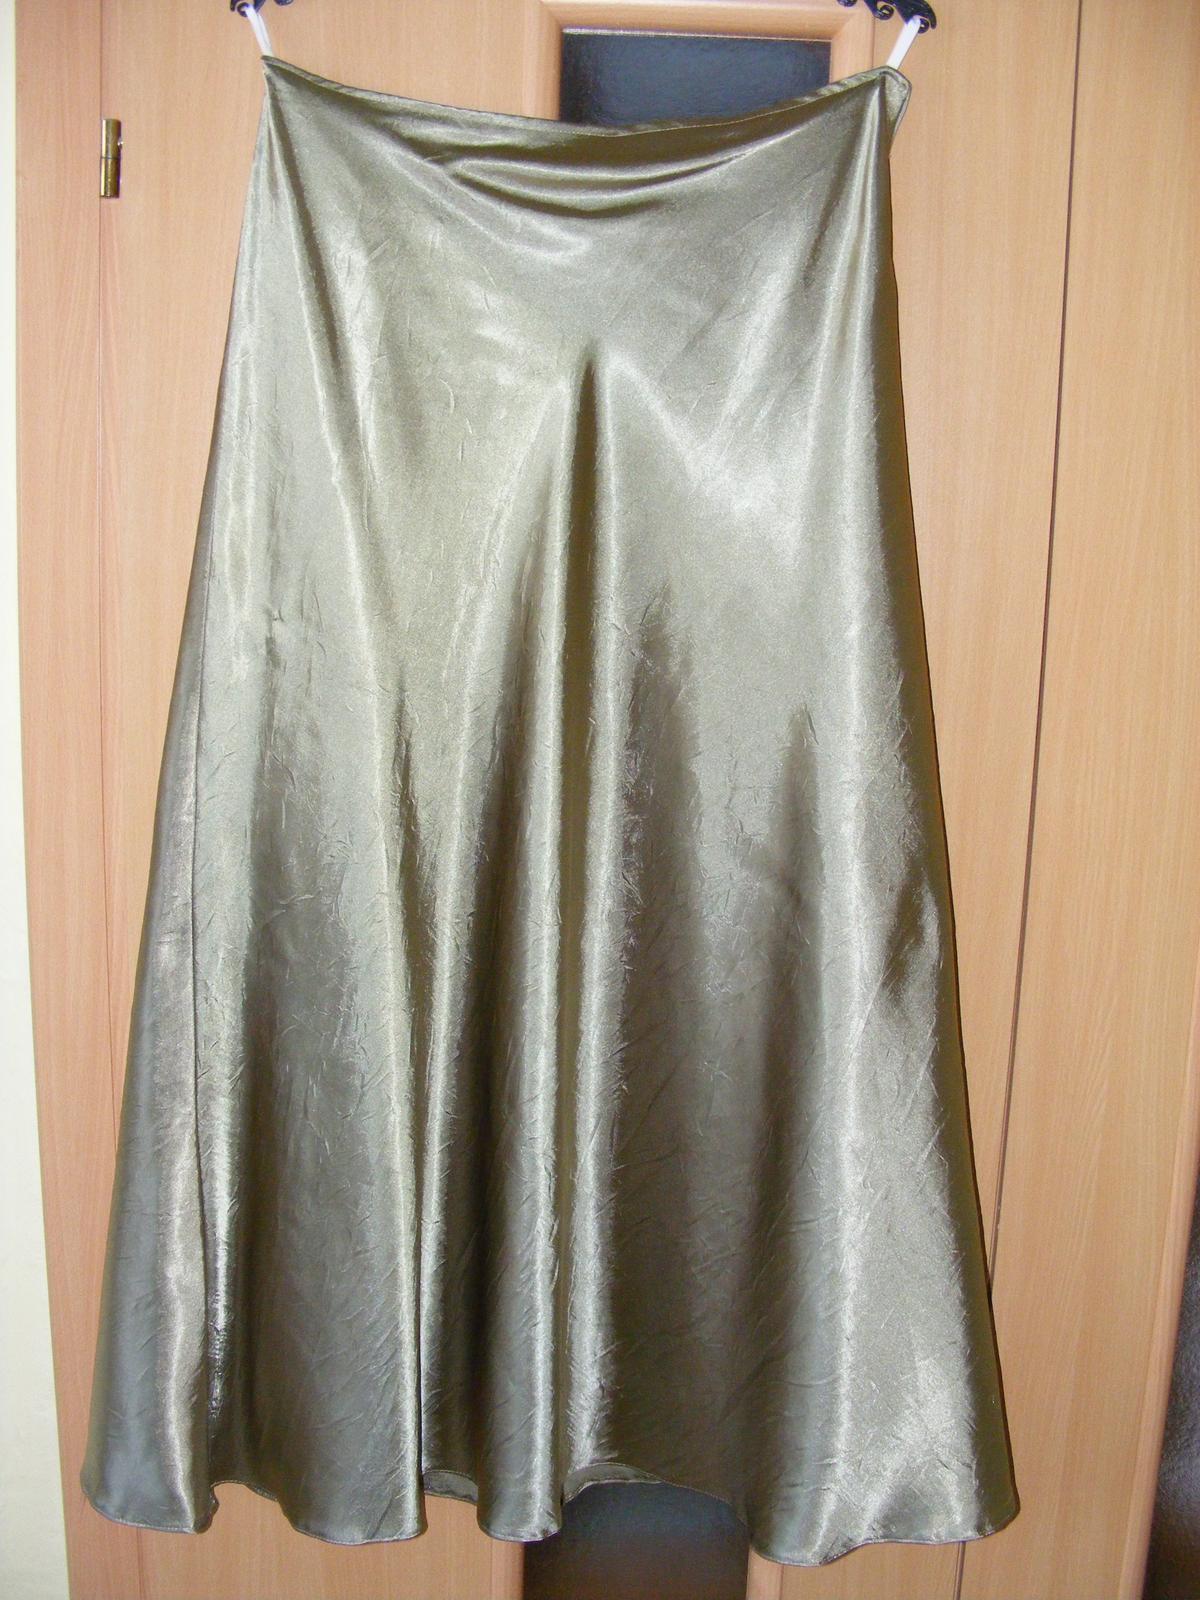 Tmavozelené korzetové šaty - Obrázok č. 2